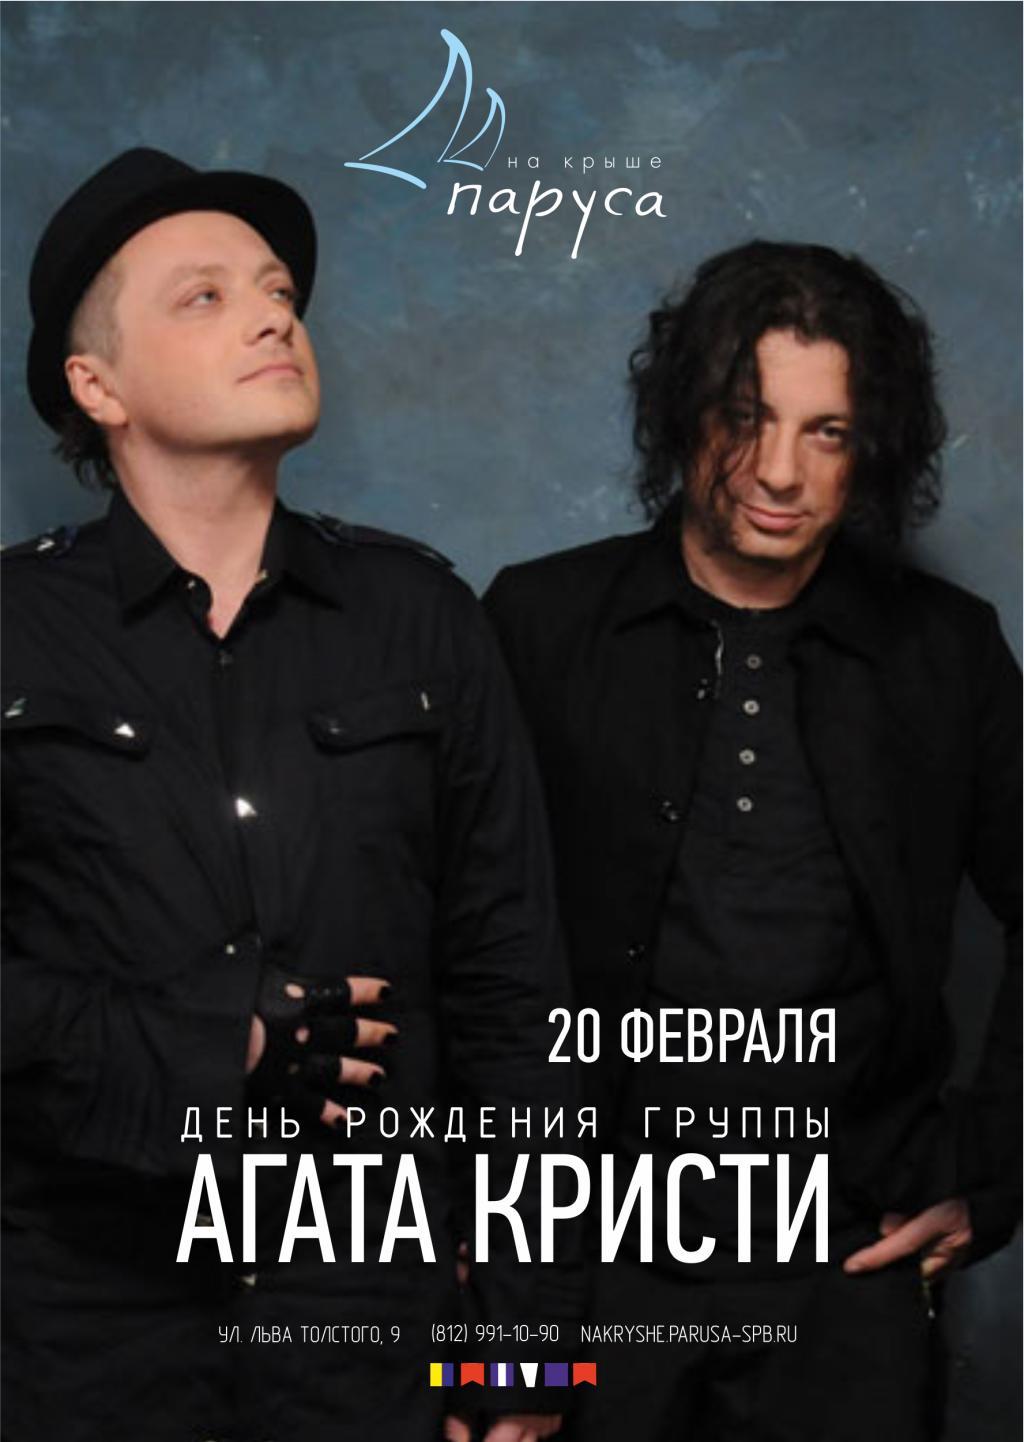 20 февраля - День Рождения группы Агата Кристи